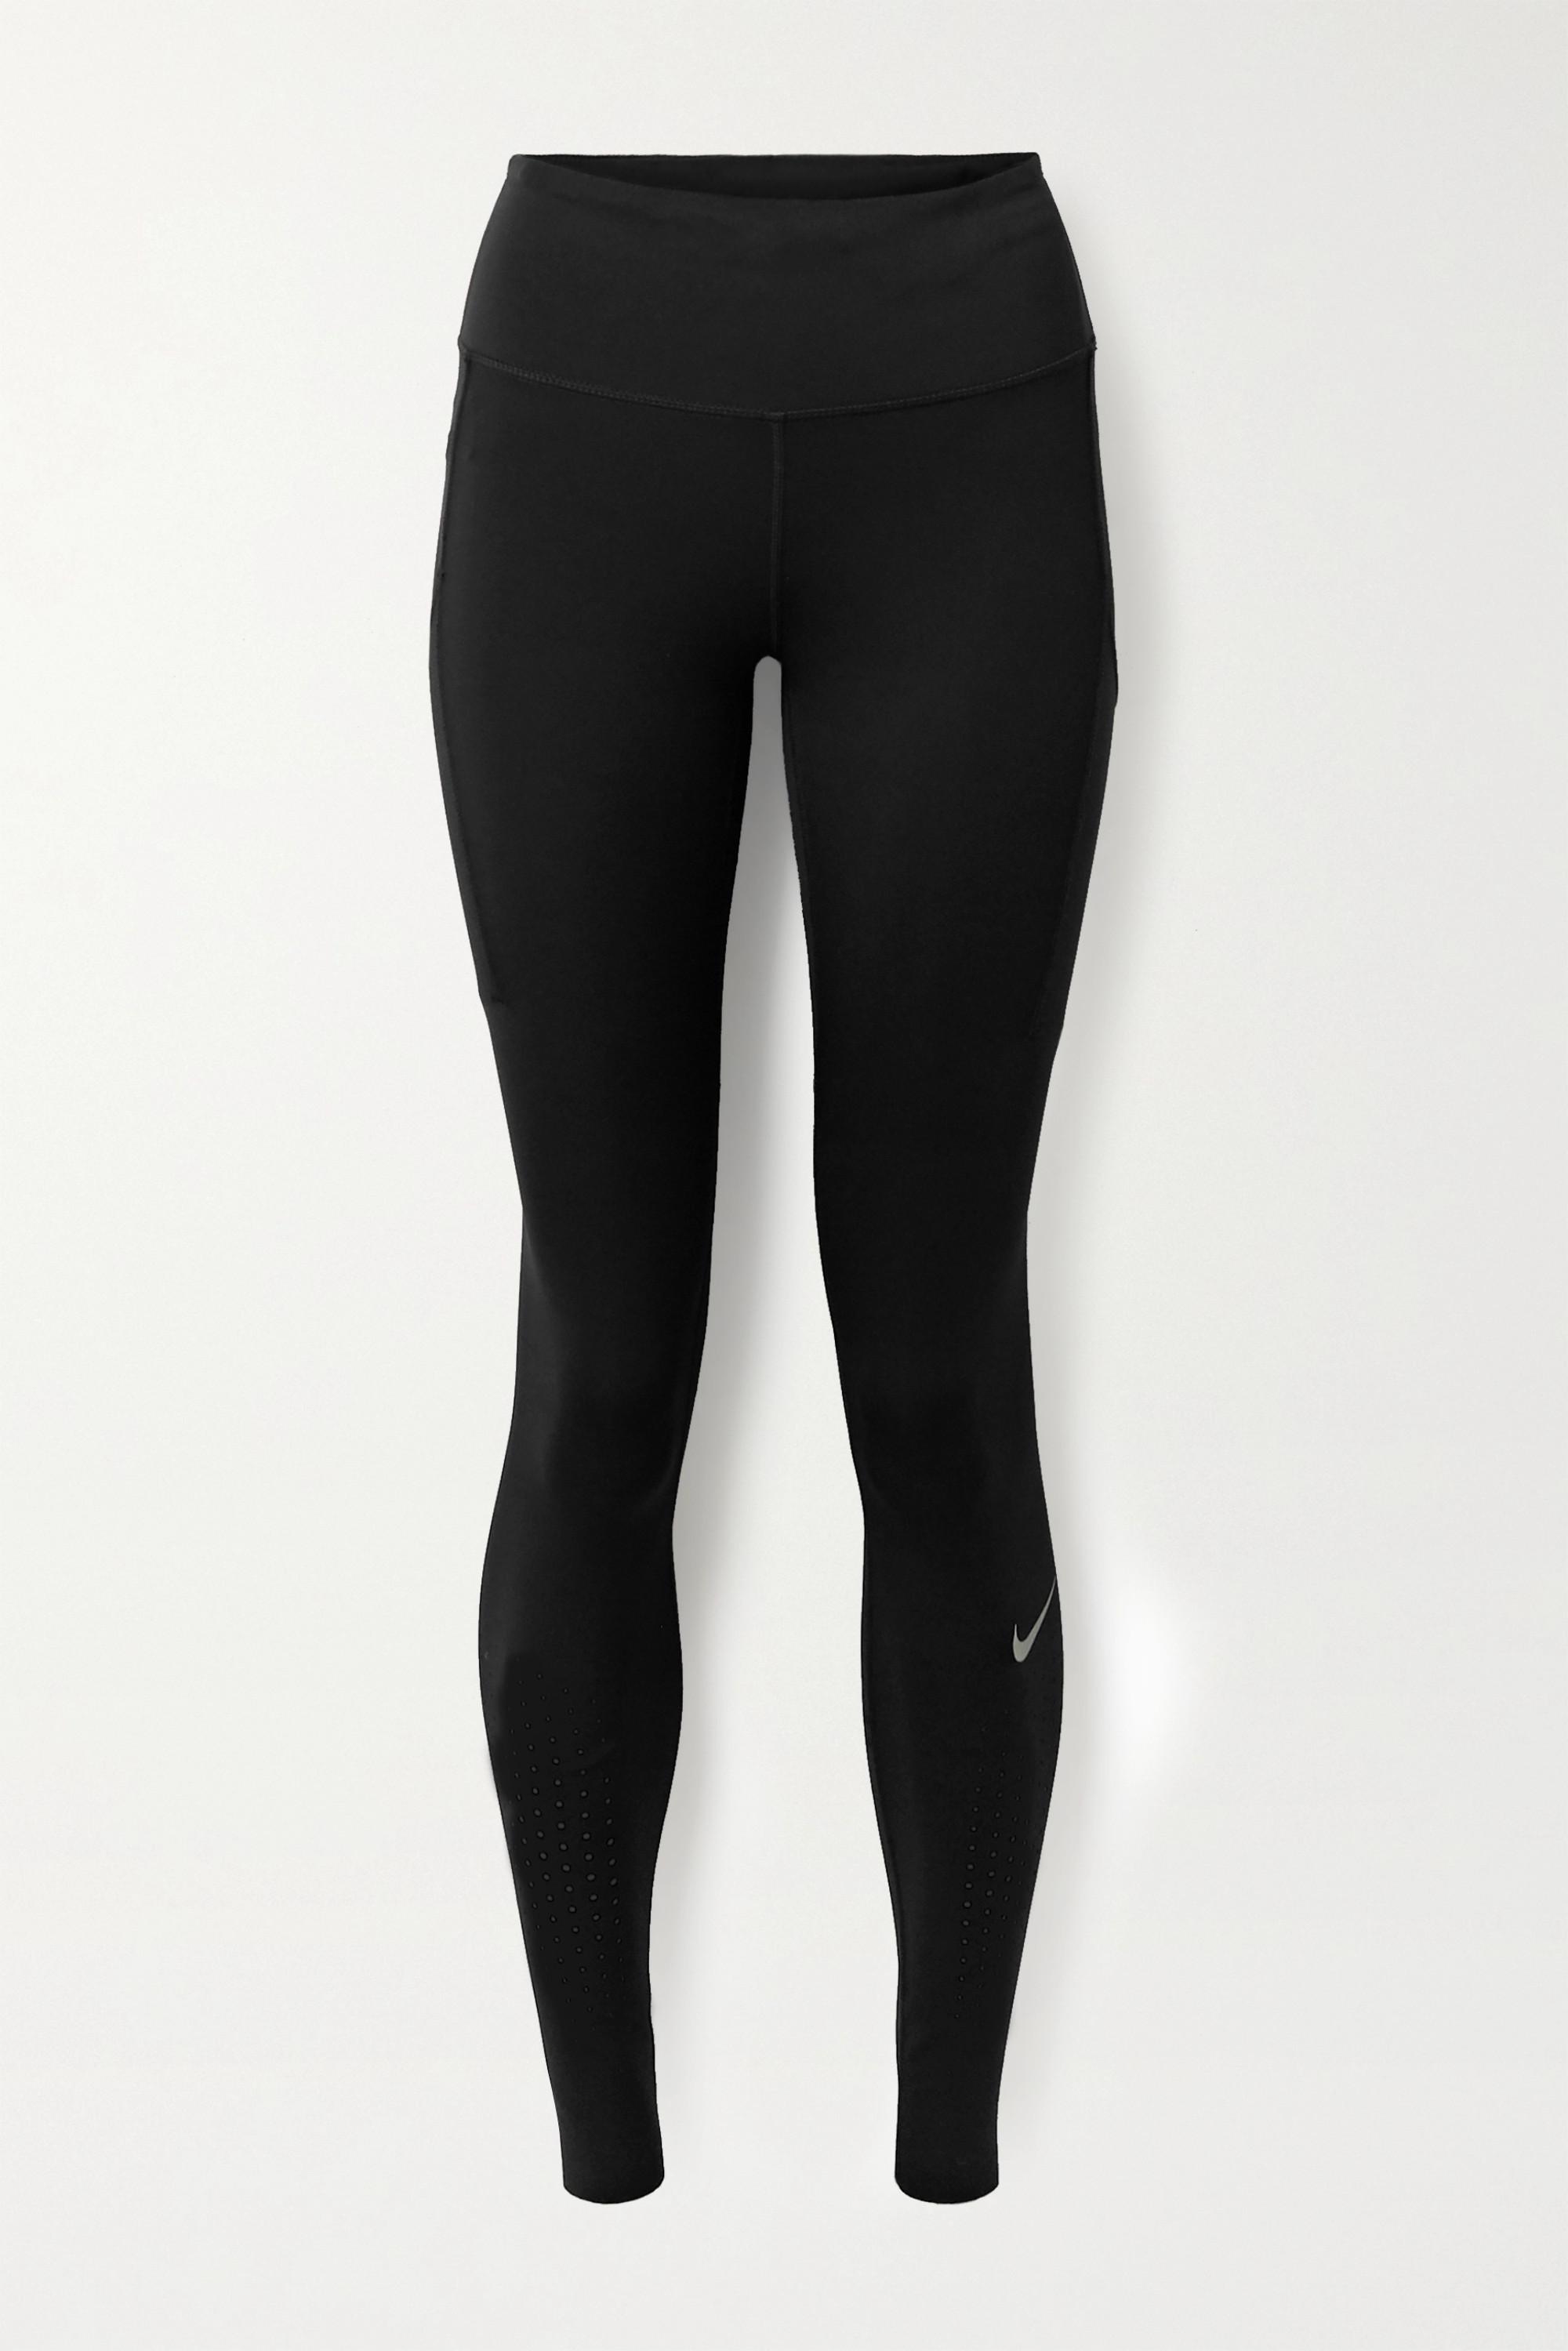 Nike Epic Lux perforierte Leggings aus Dri-FIT-Material